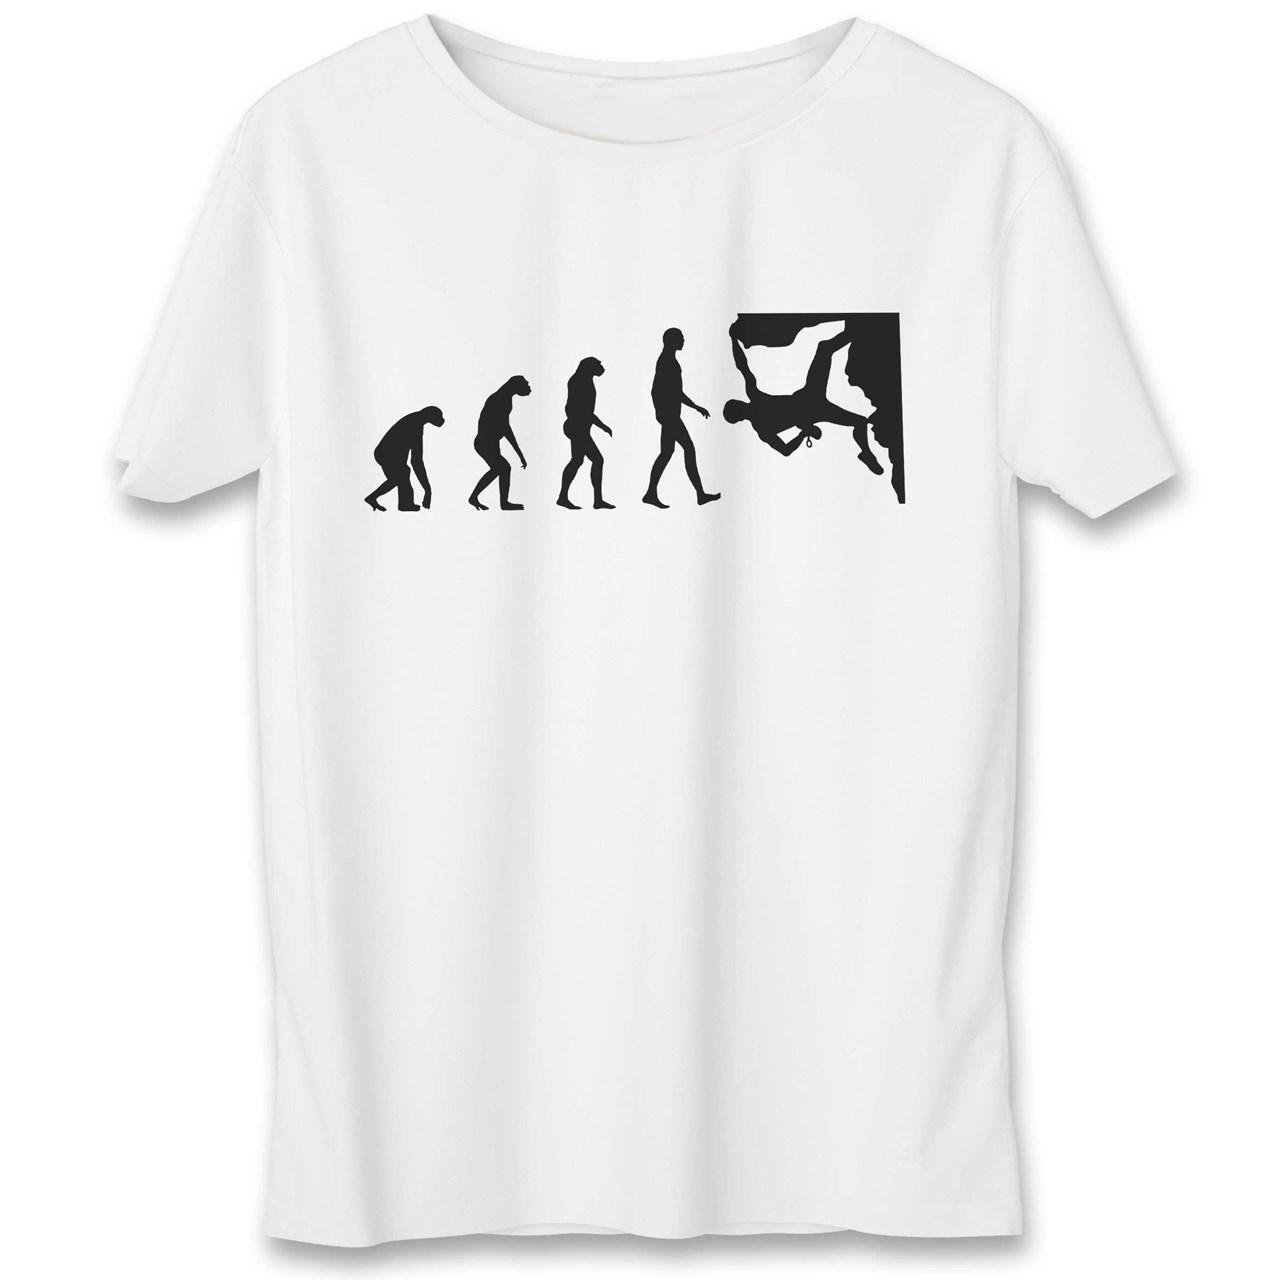 تی شرت یورپرینت به رسم طرح صخره نورد کد 338